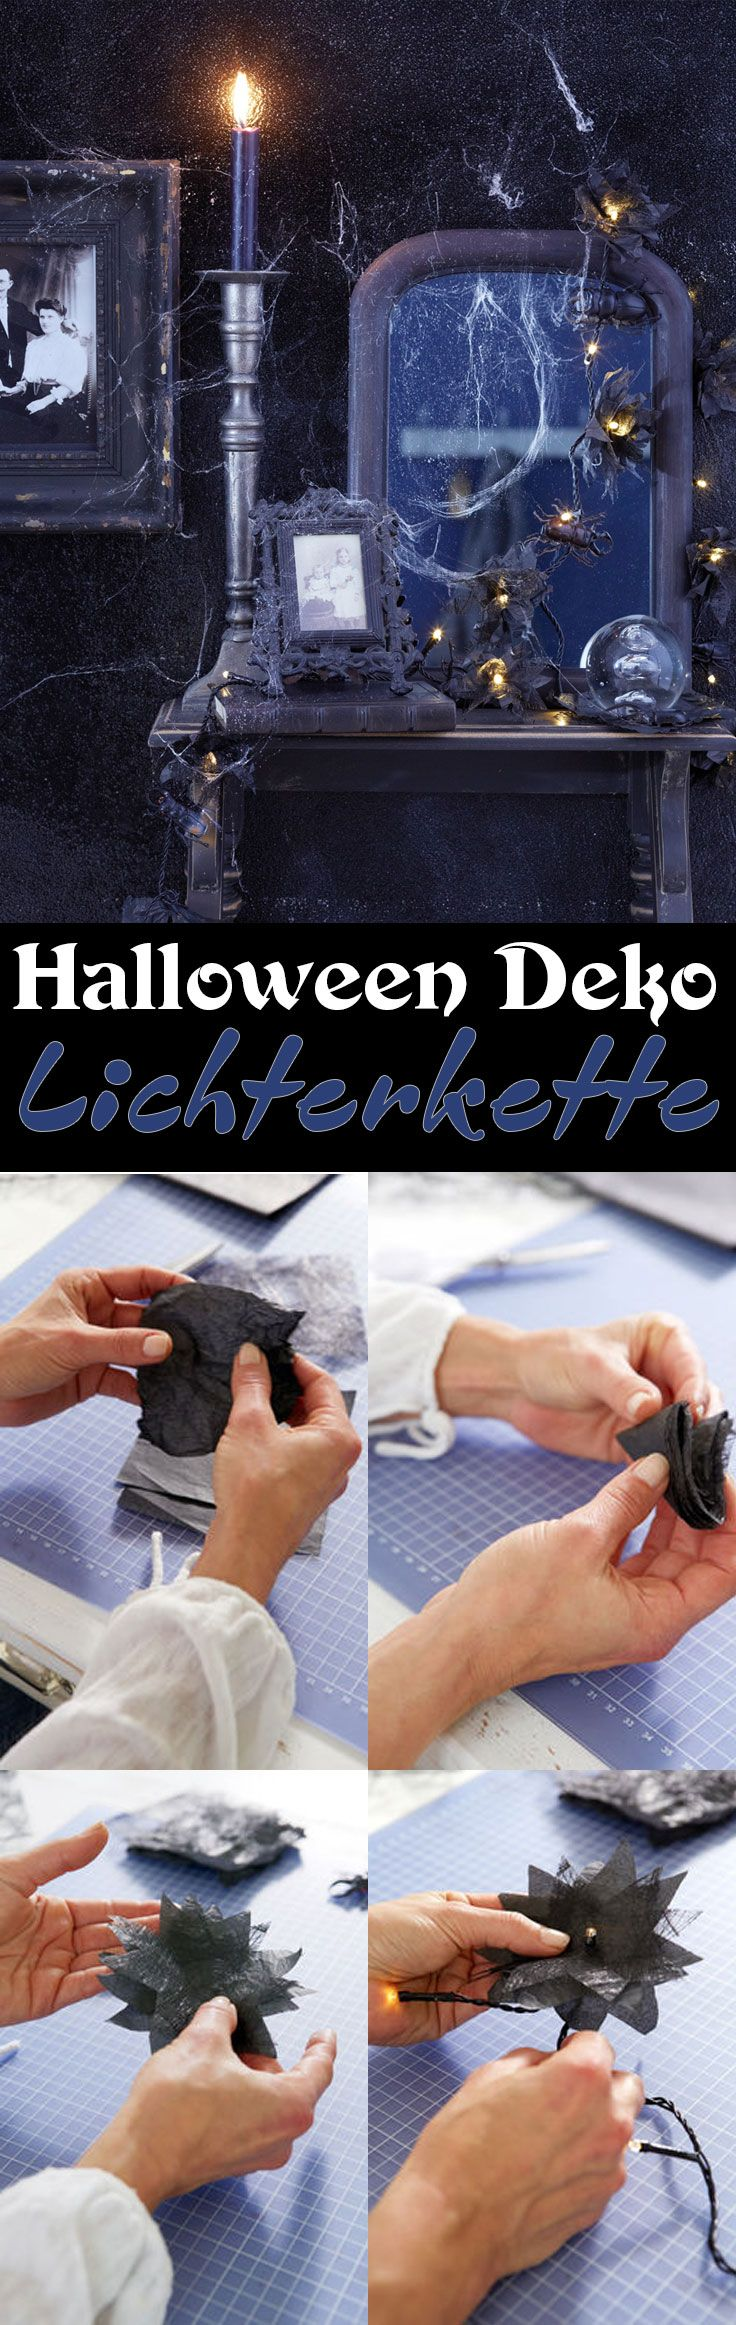 Gruselige Deko zu Halloween bedeutet auch immer ein Spiel mit Licht. Wir haben eine Lichterkette mit schwarzen Blüten und Käfern gebastelt, die deine Wohnung in ein kleines Gruselkabinett verwandelt und in das rechte Licht rückt.